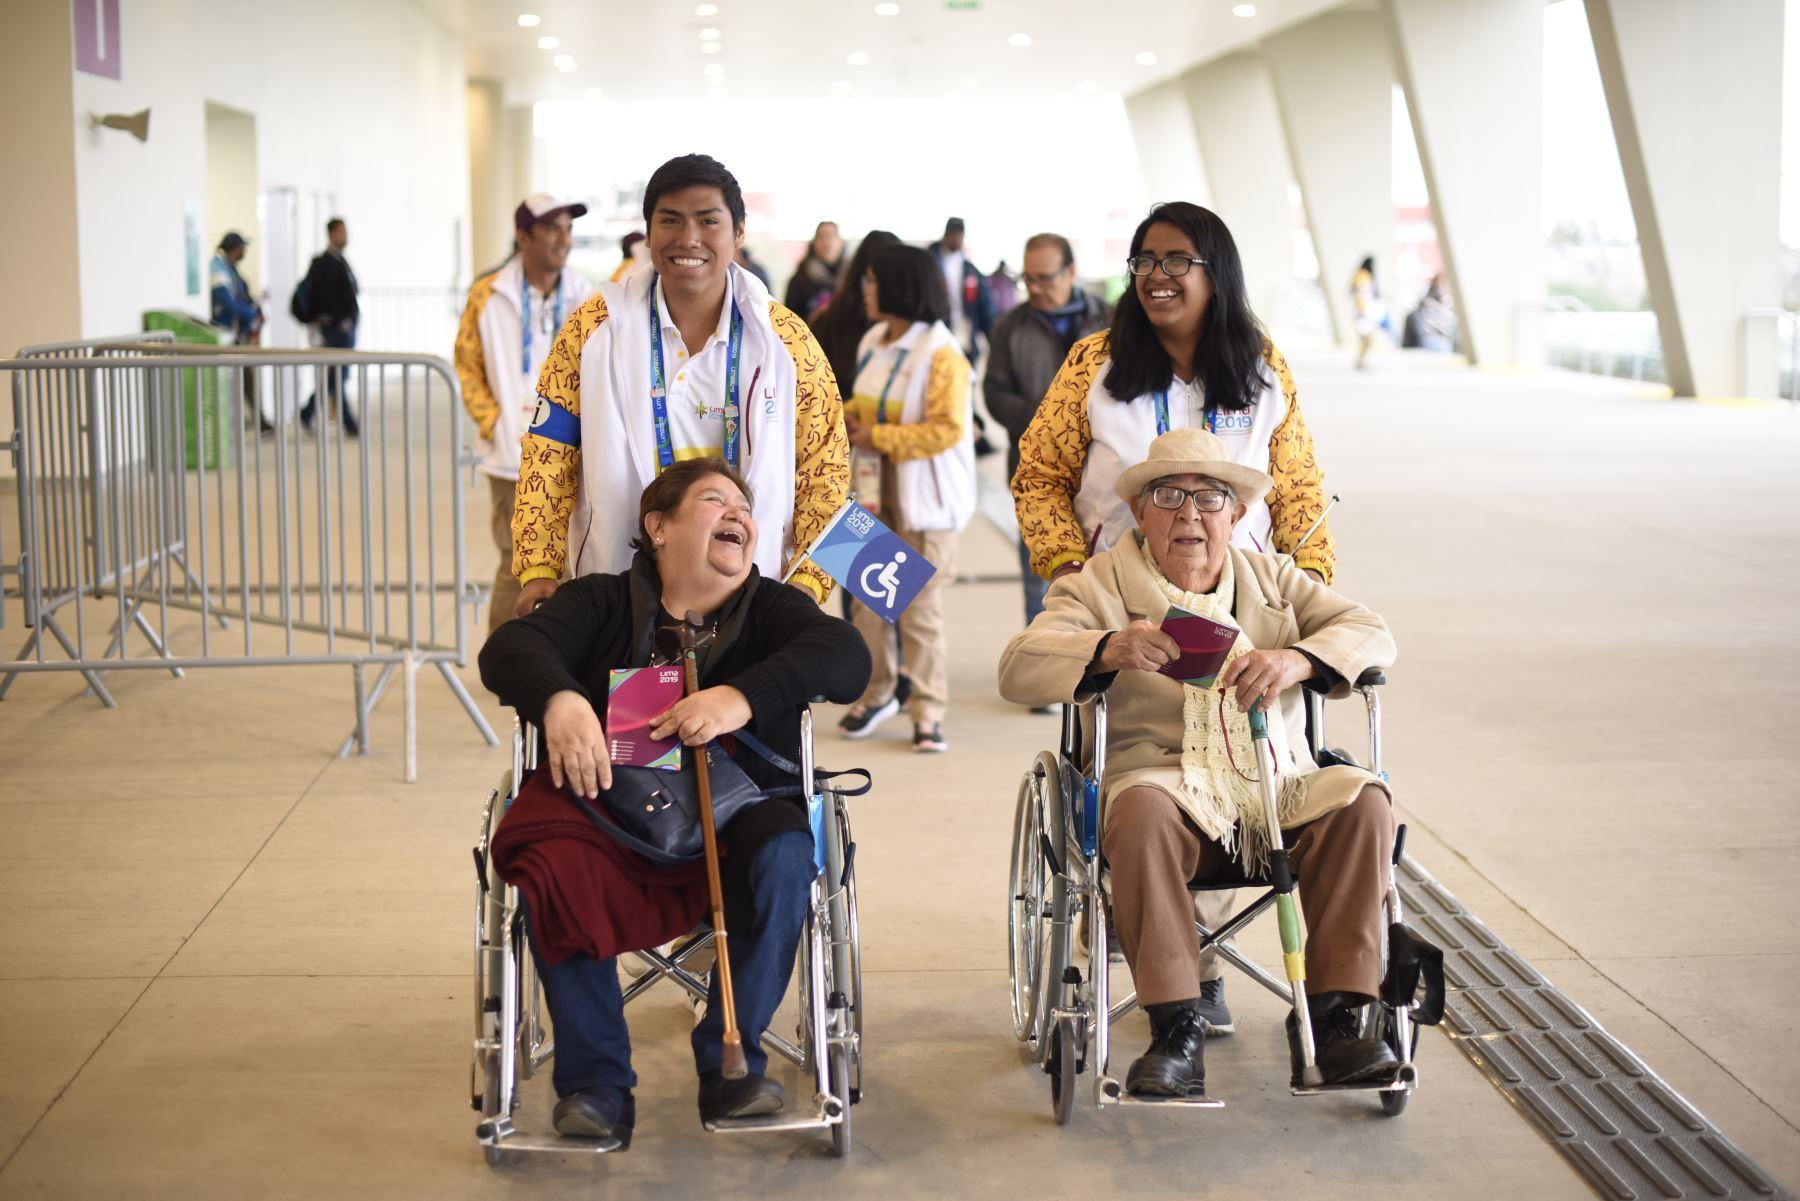 Voluntarios de Lima 2019 llevan a  una pareja de ancianos con silla de ruedas a las tribunas de la  villa atlética de la Videna. Foto: ANDINA/ Lima 2019